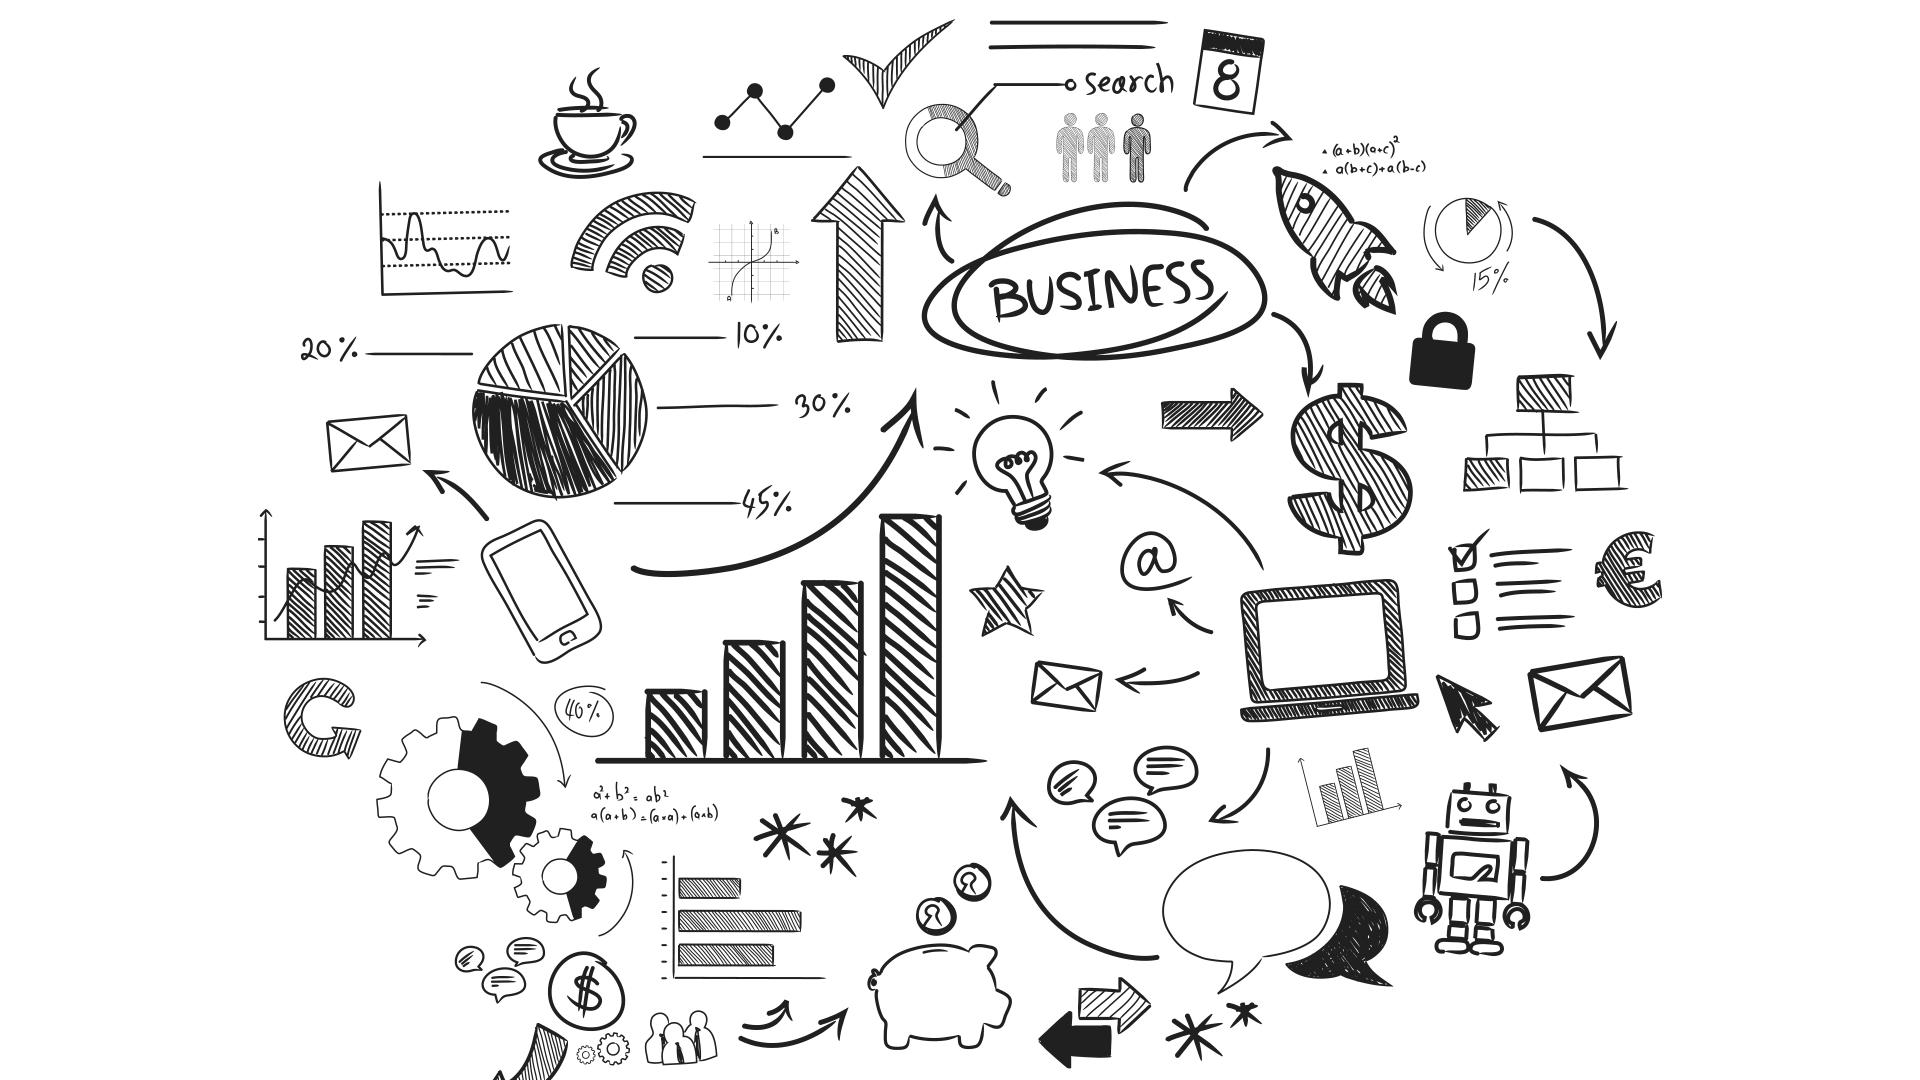 Phần mềm quản lý dành cho doanh nghiệp